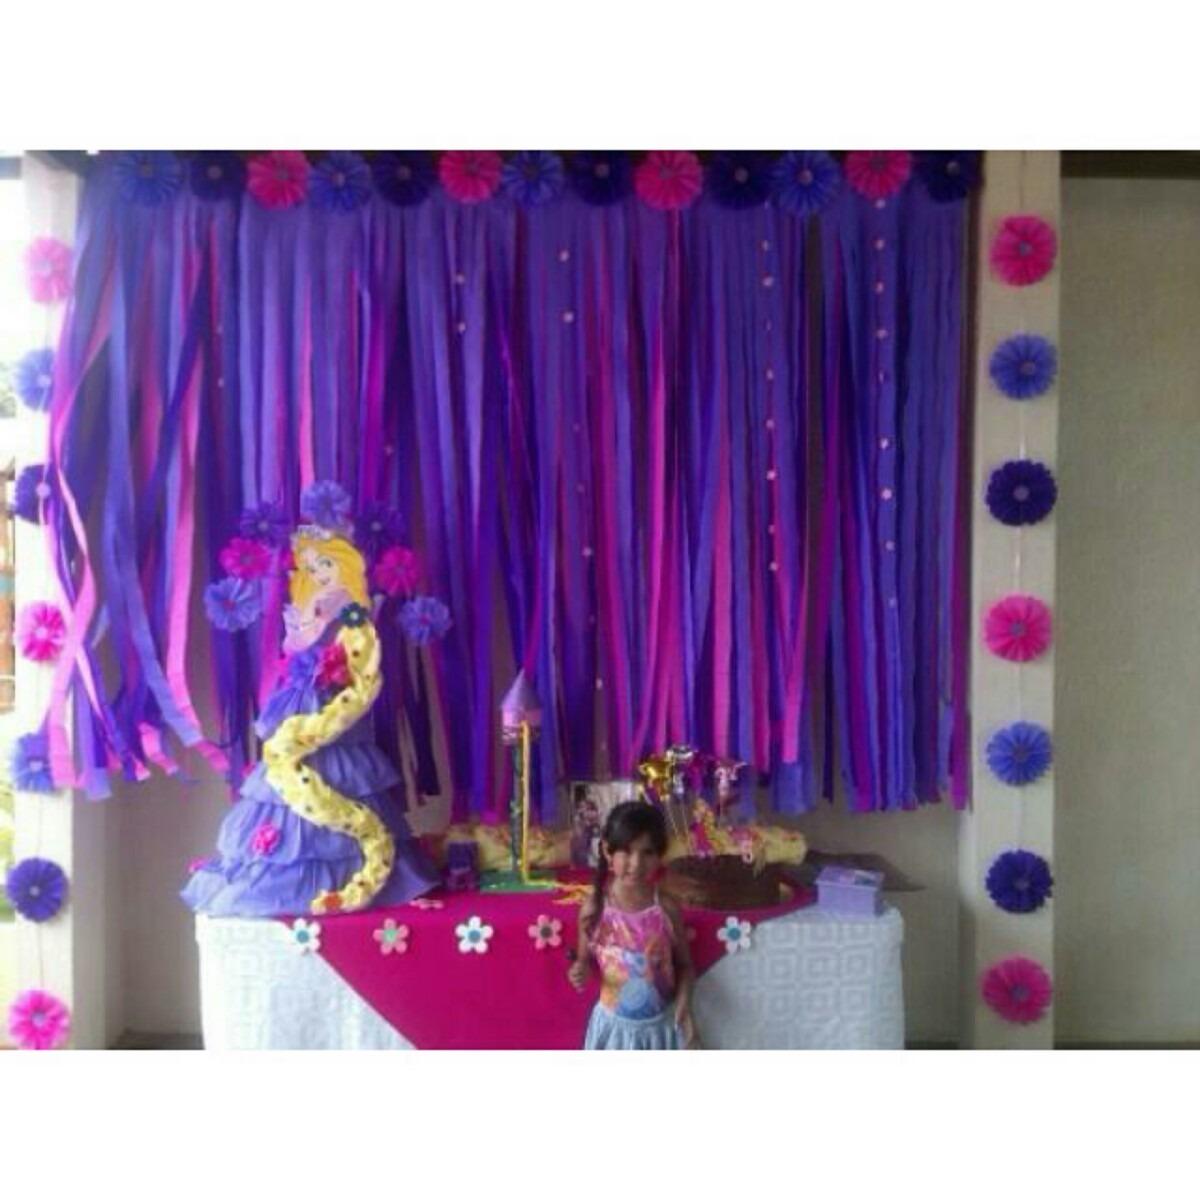 Cortinas para decorar su fiesta bs en mercado - Ideas para cortinas infantiles ...